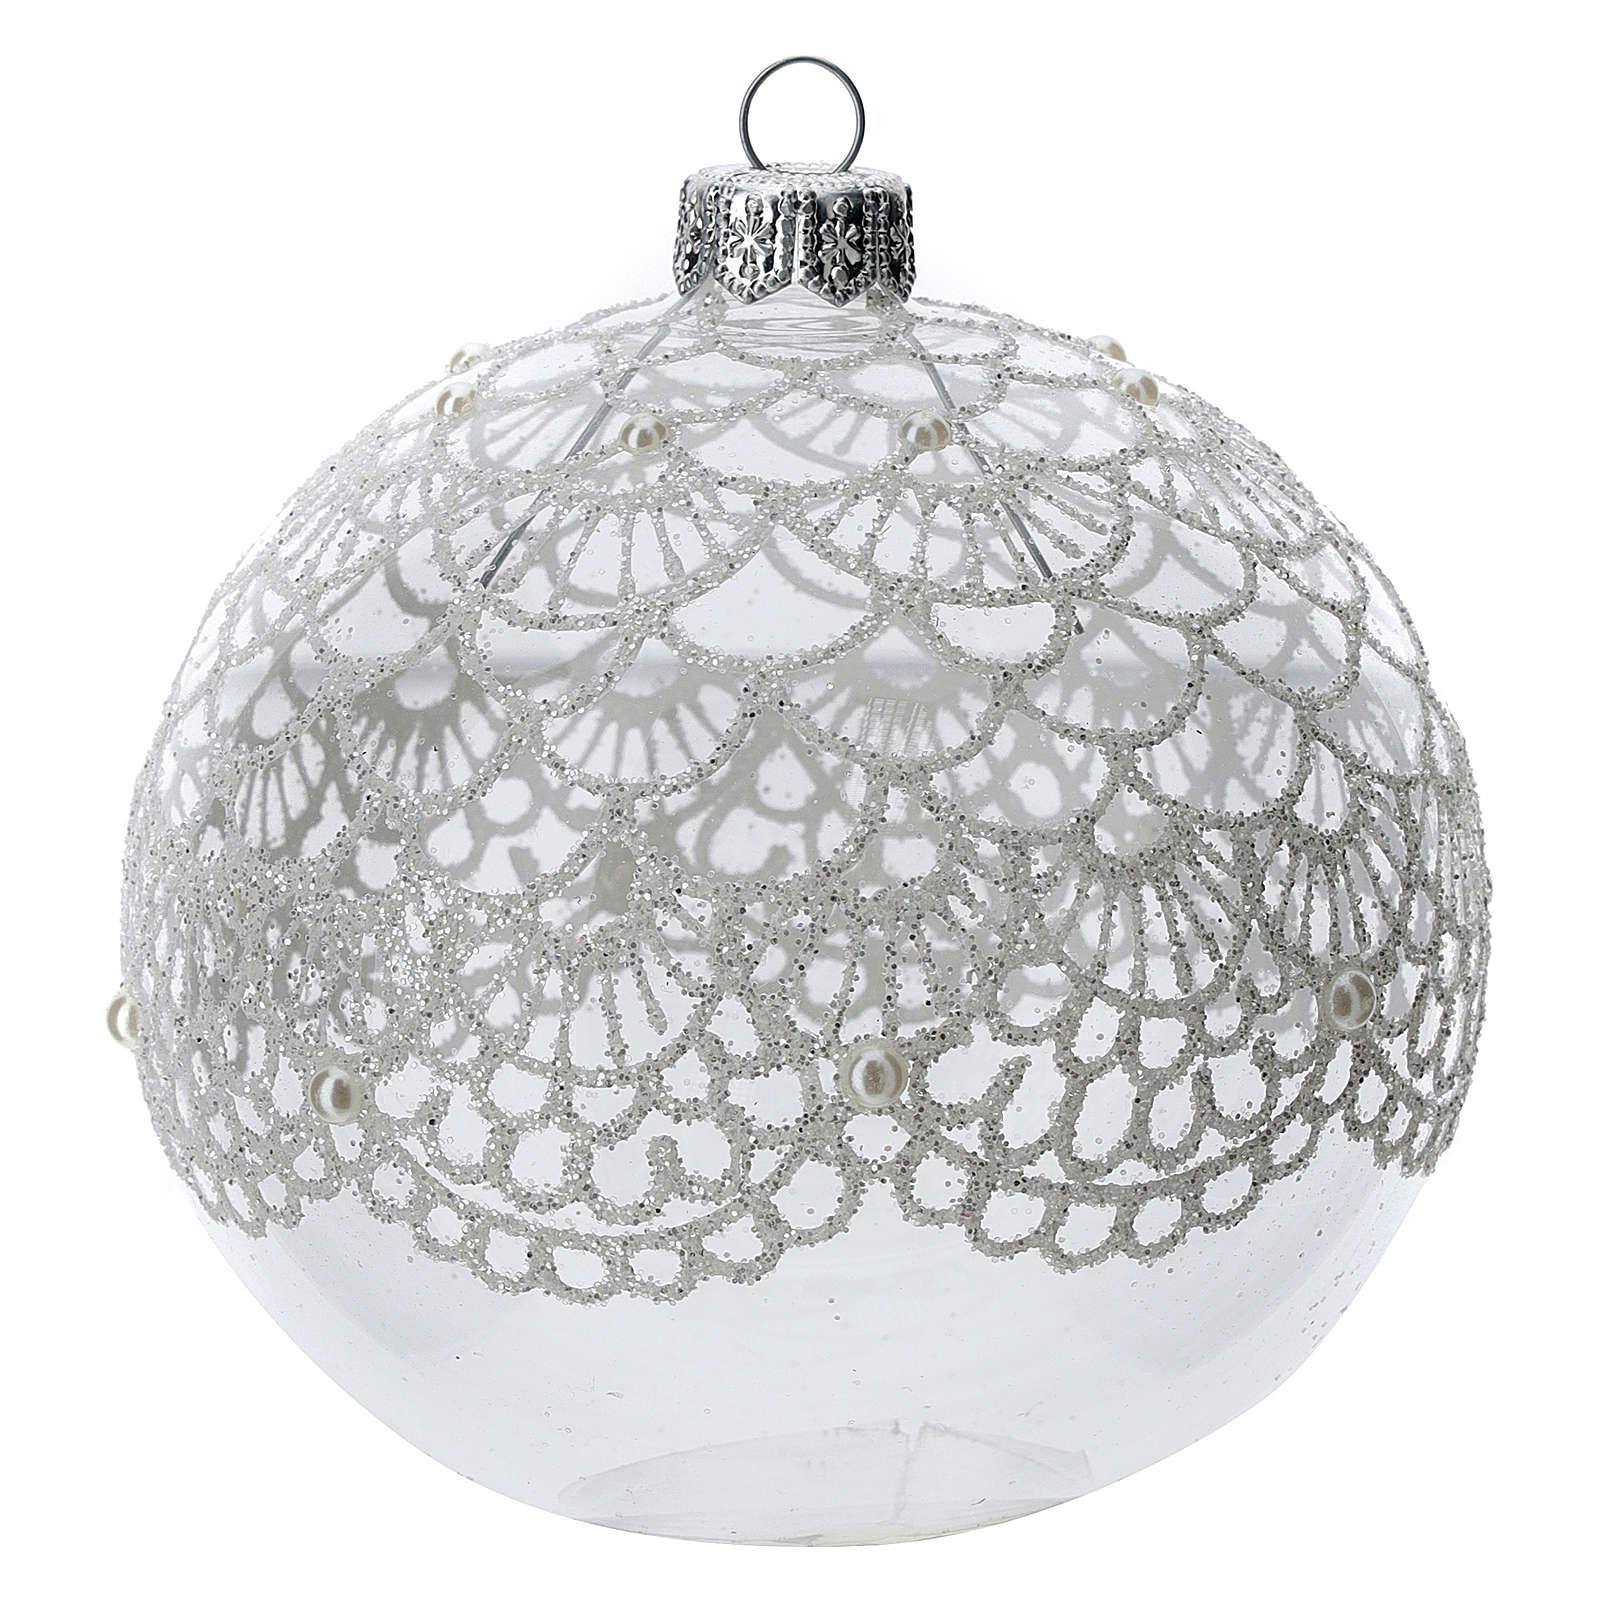 Bola árbol Navidad vidrio soplado transparente motivo bordado 100 mm 4